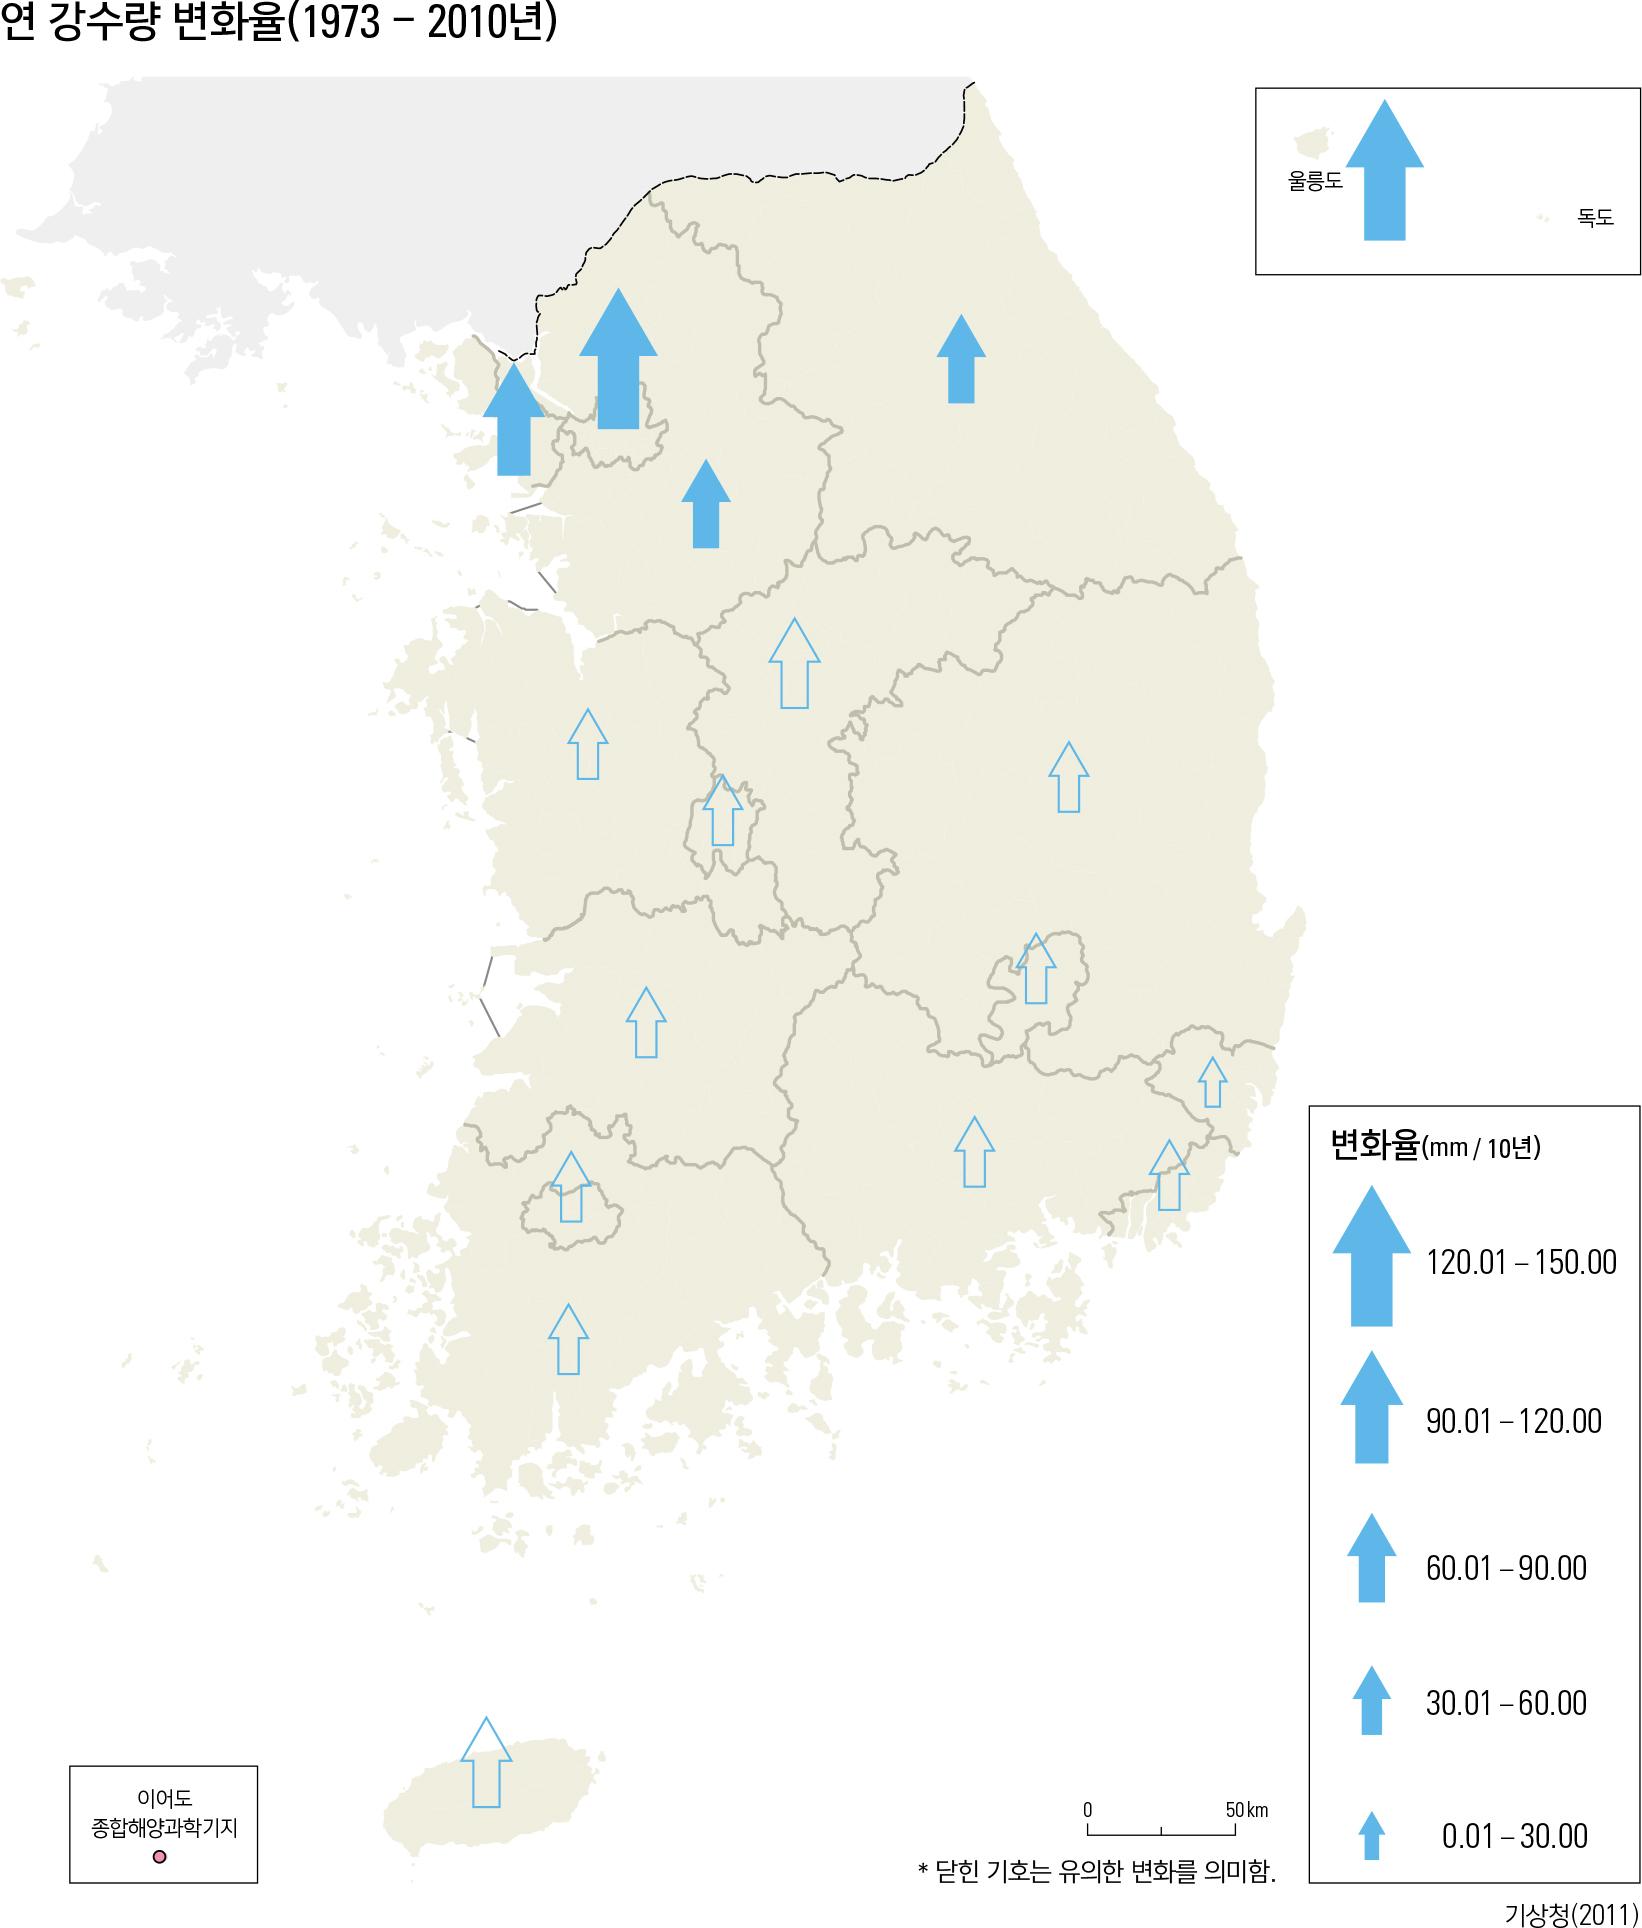 연 강수량 변화(1973 - 2010년)